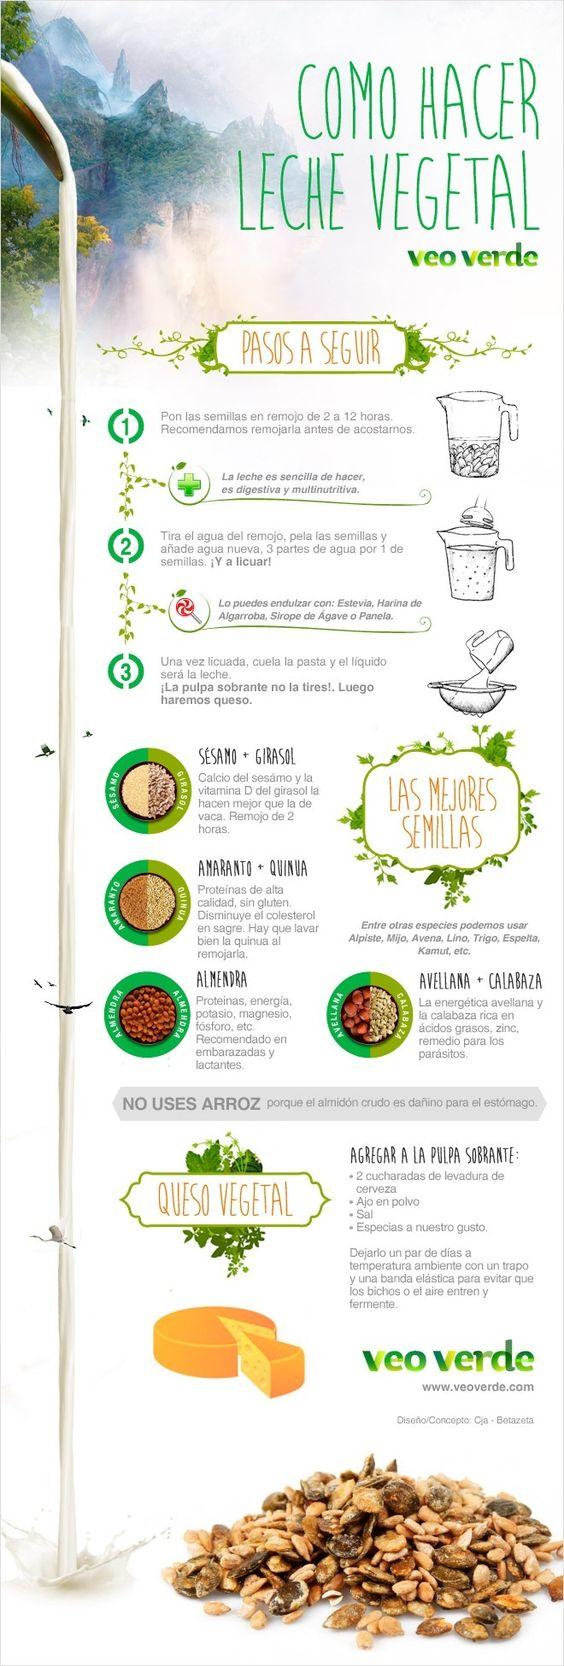 Infografía Veo Verde: Aprende a hacer leches y quesos vegetales: